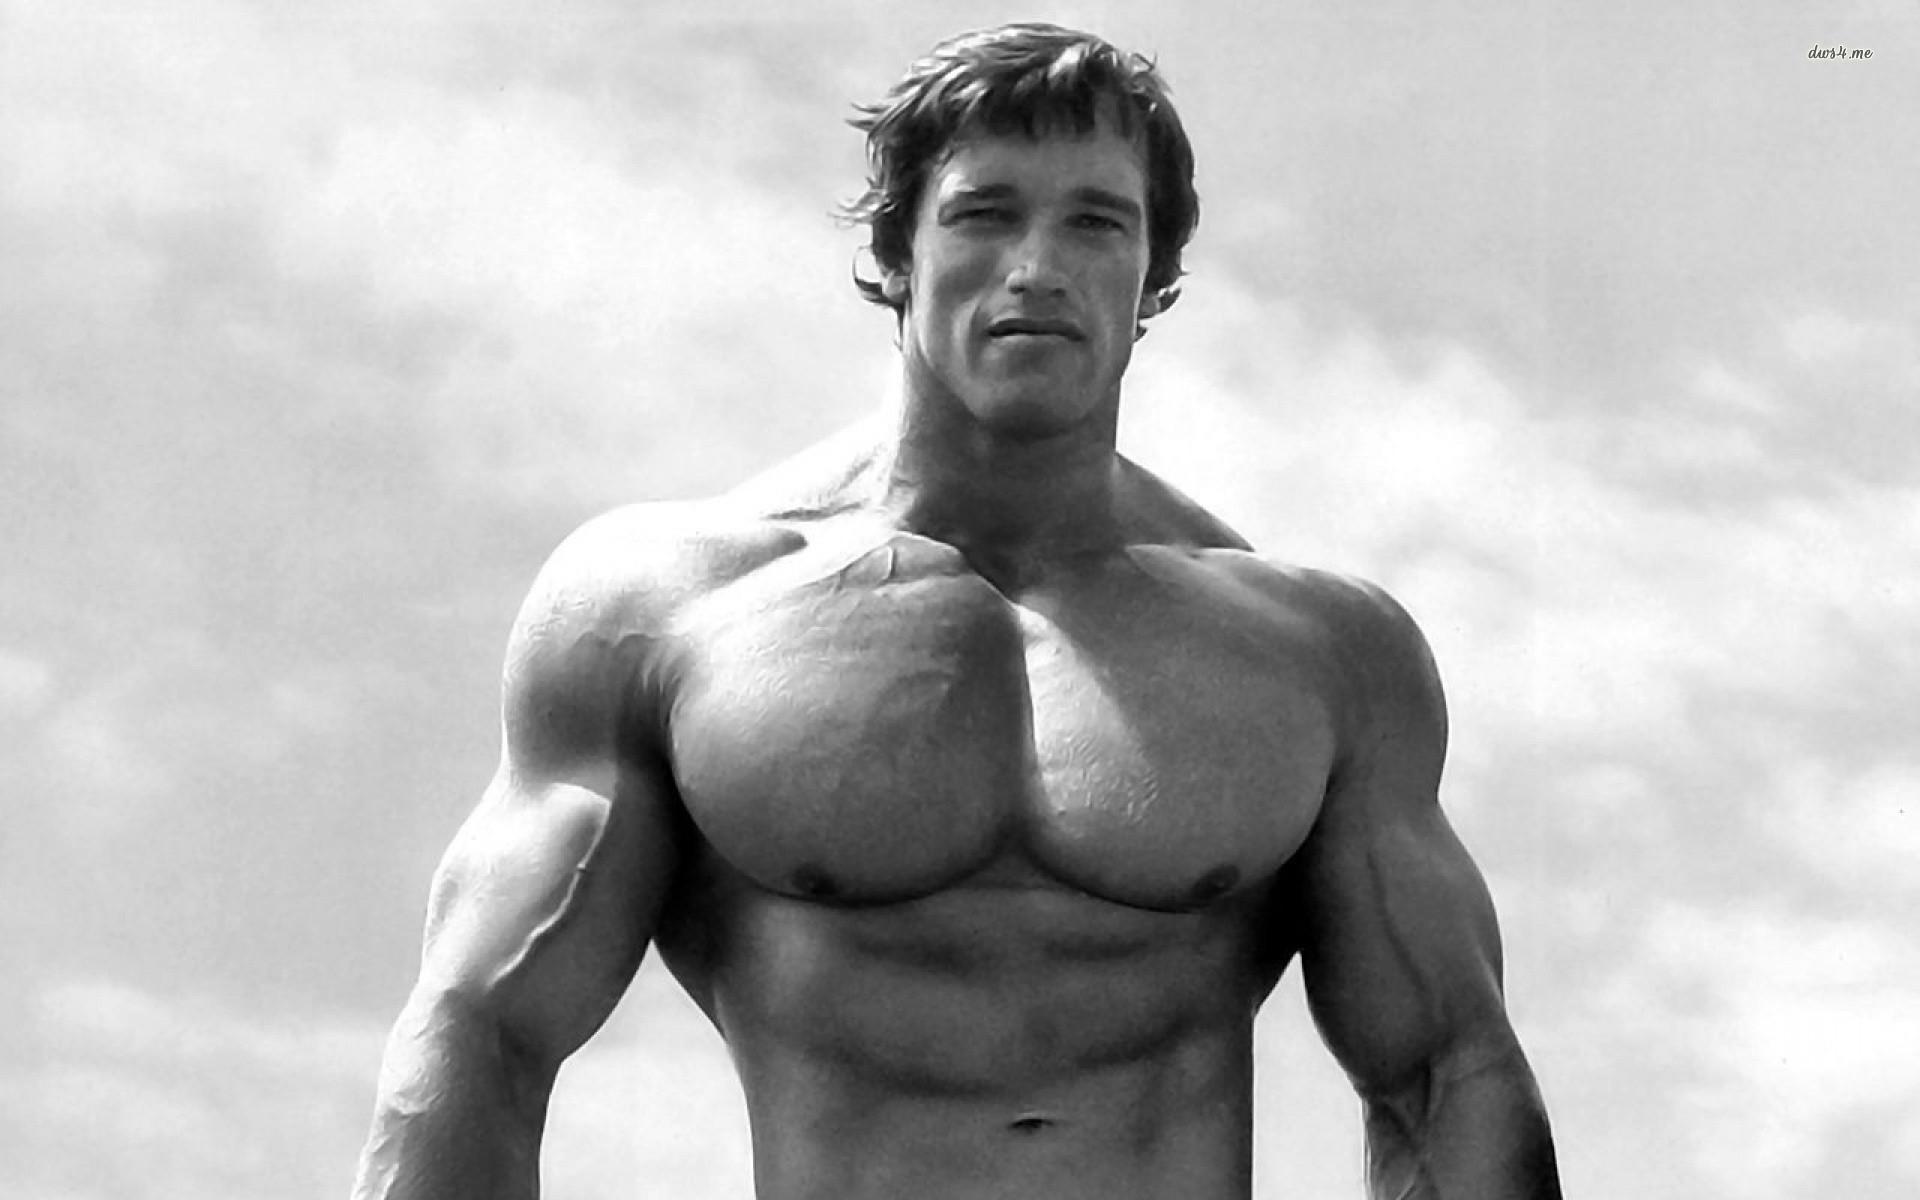 Fonds d'écran Arnold Schwarzenegger PC et Tablettes (iPad, etc...)